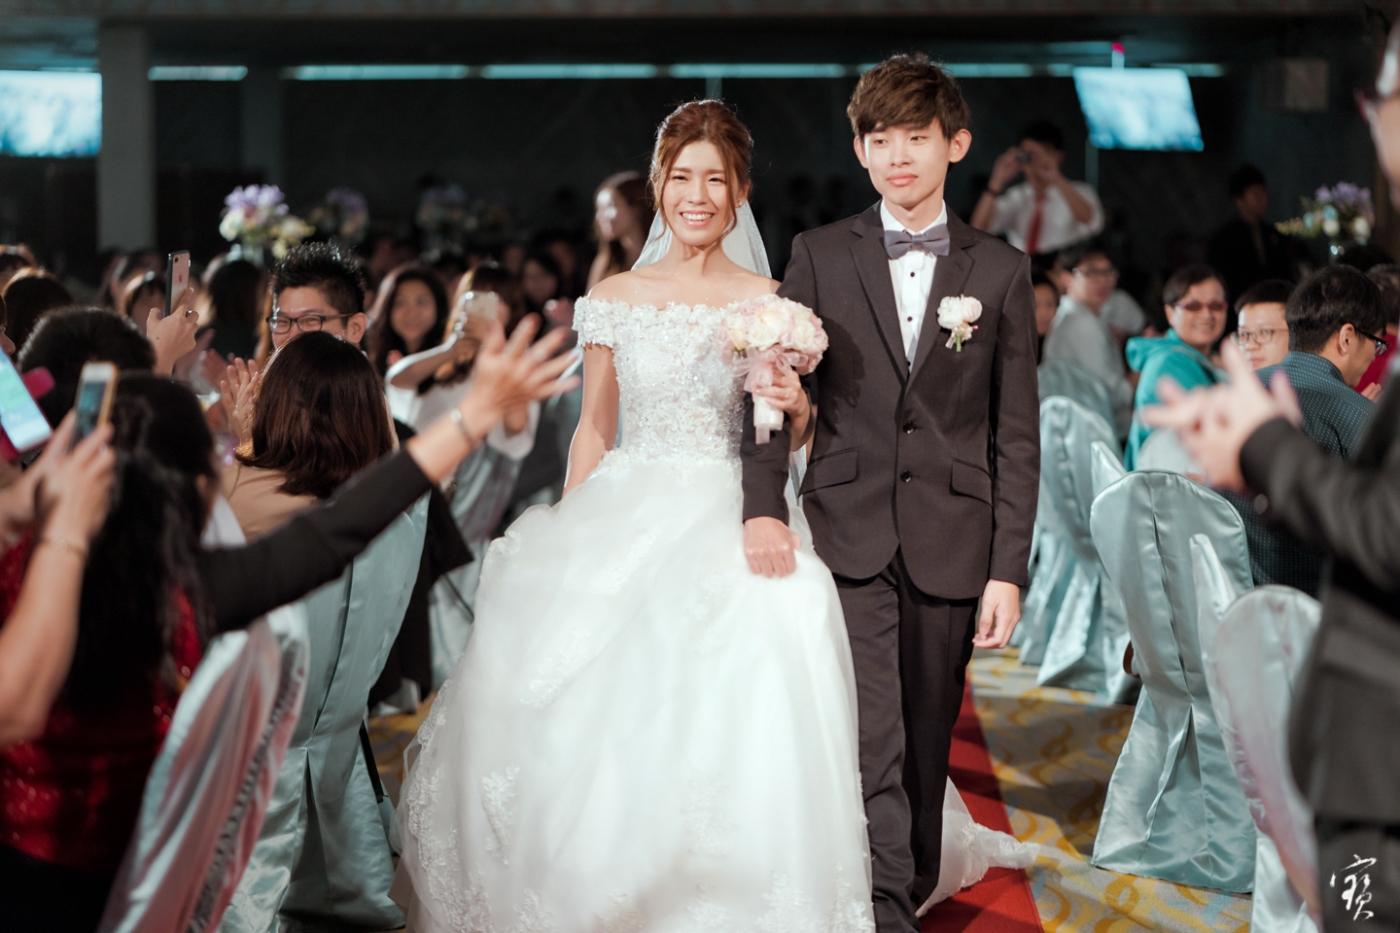 婚禮攝影 新竹彭園 冬伴影像 攝影師大寶 婚紗攝影 新娘新郎 早儀午宴20181125-344